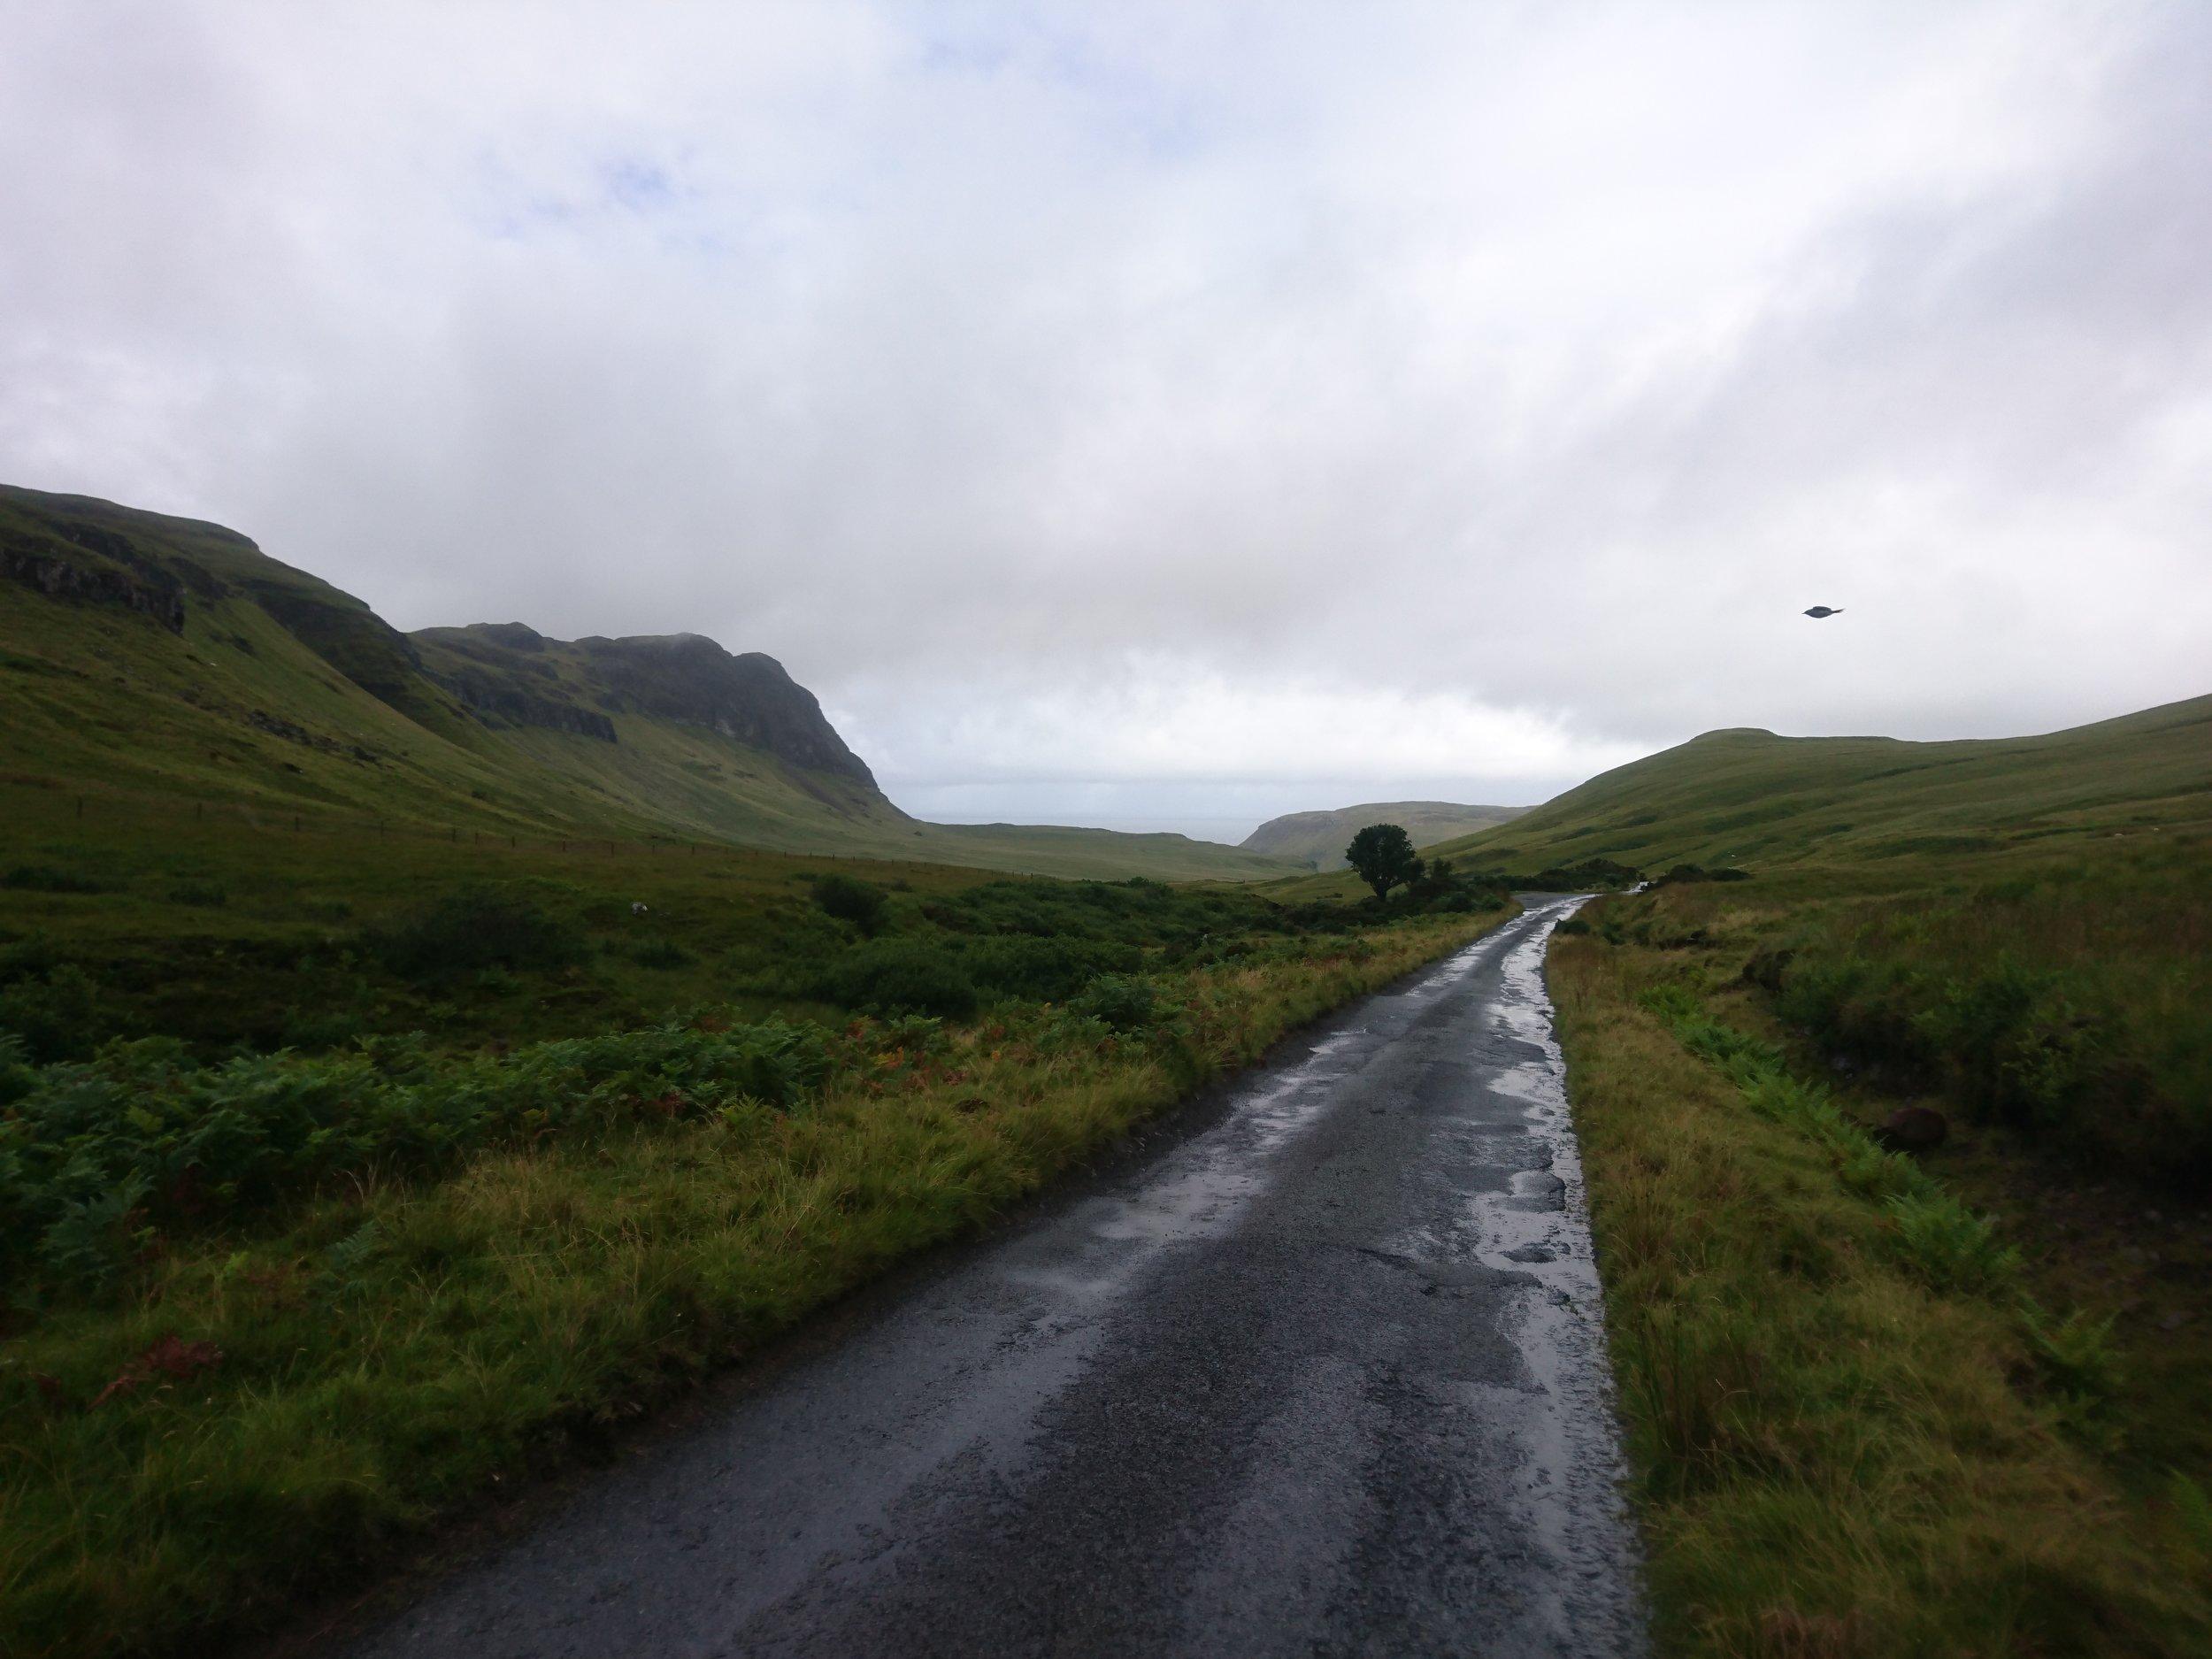 Road down to Tallisker